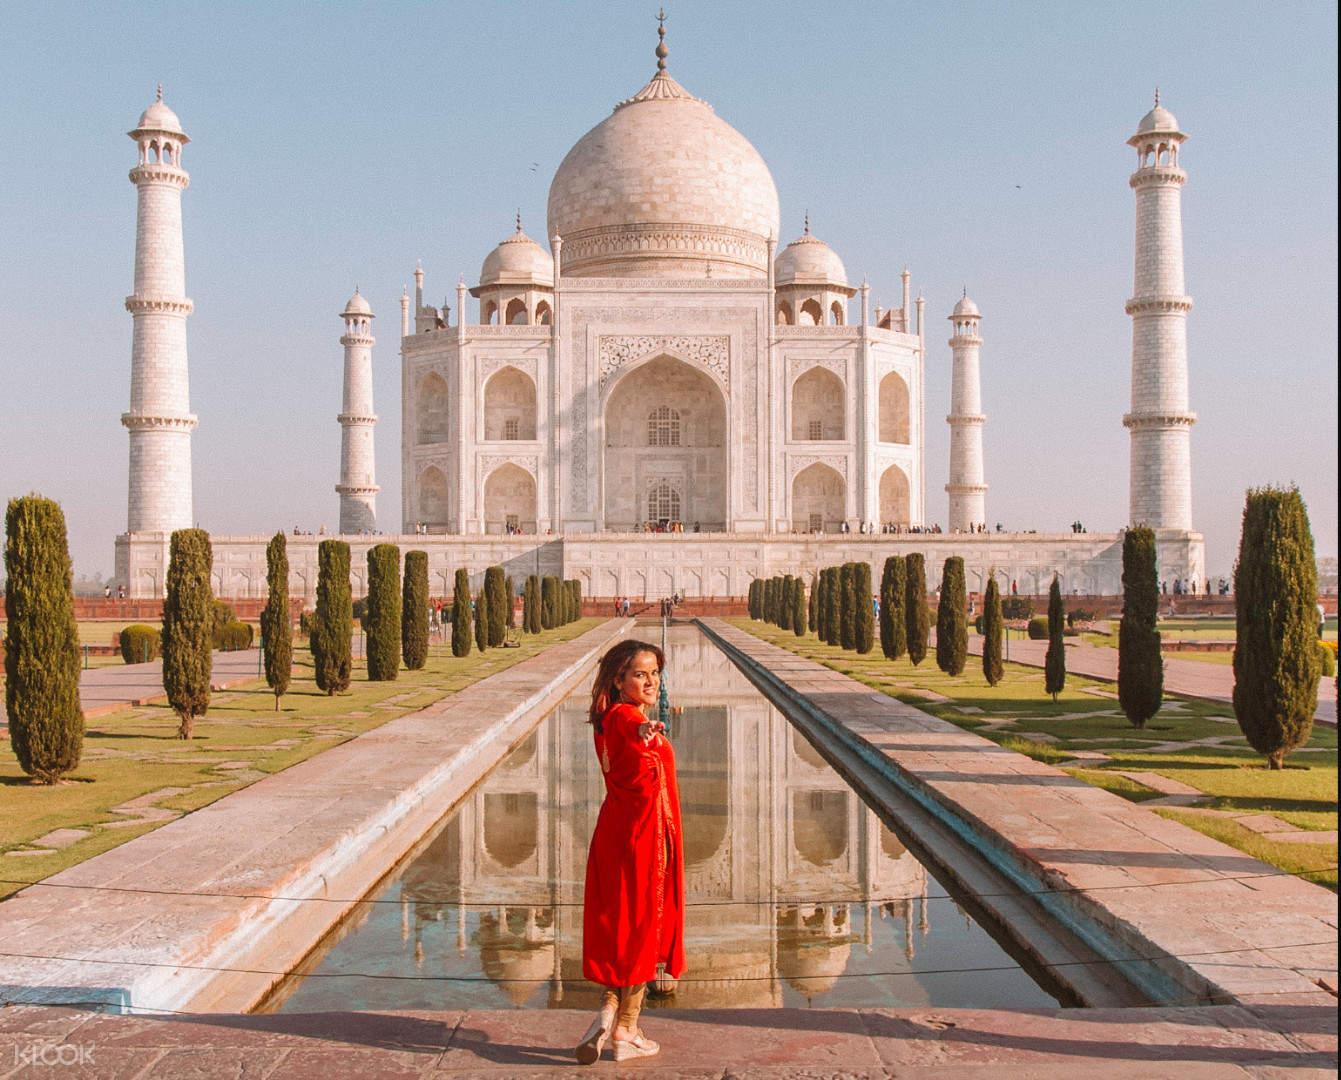 Taj Mahal Photography Tour From Delhi, India - Klook US